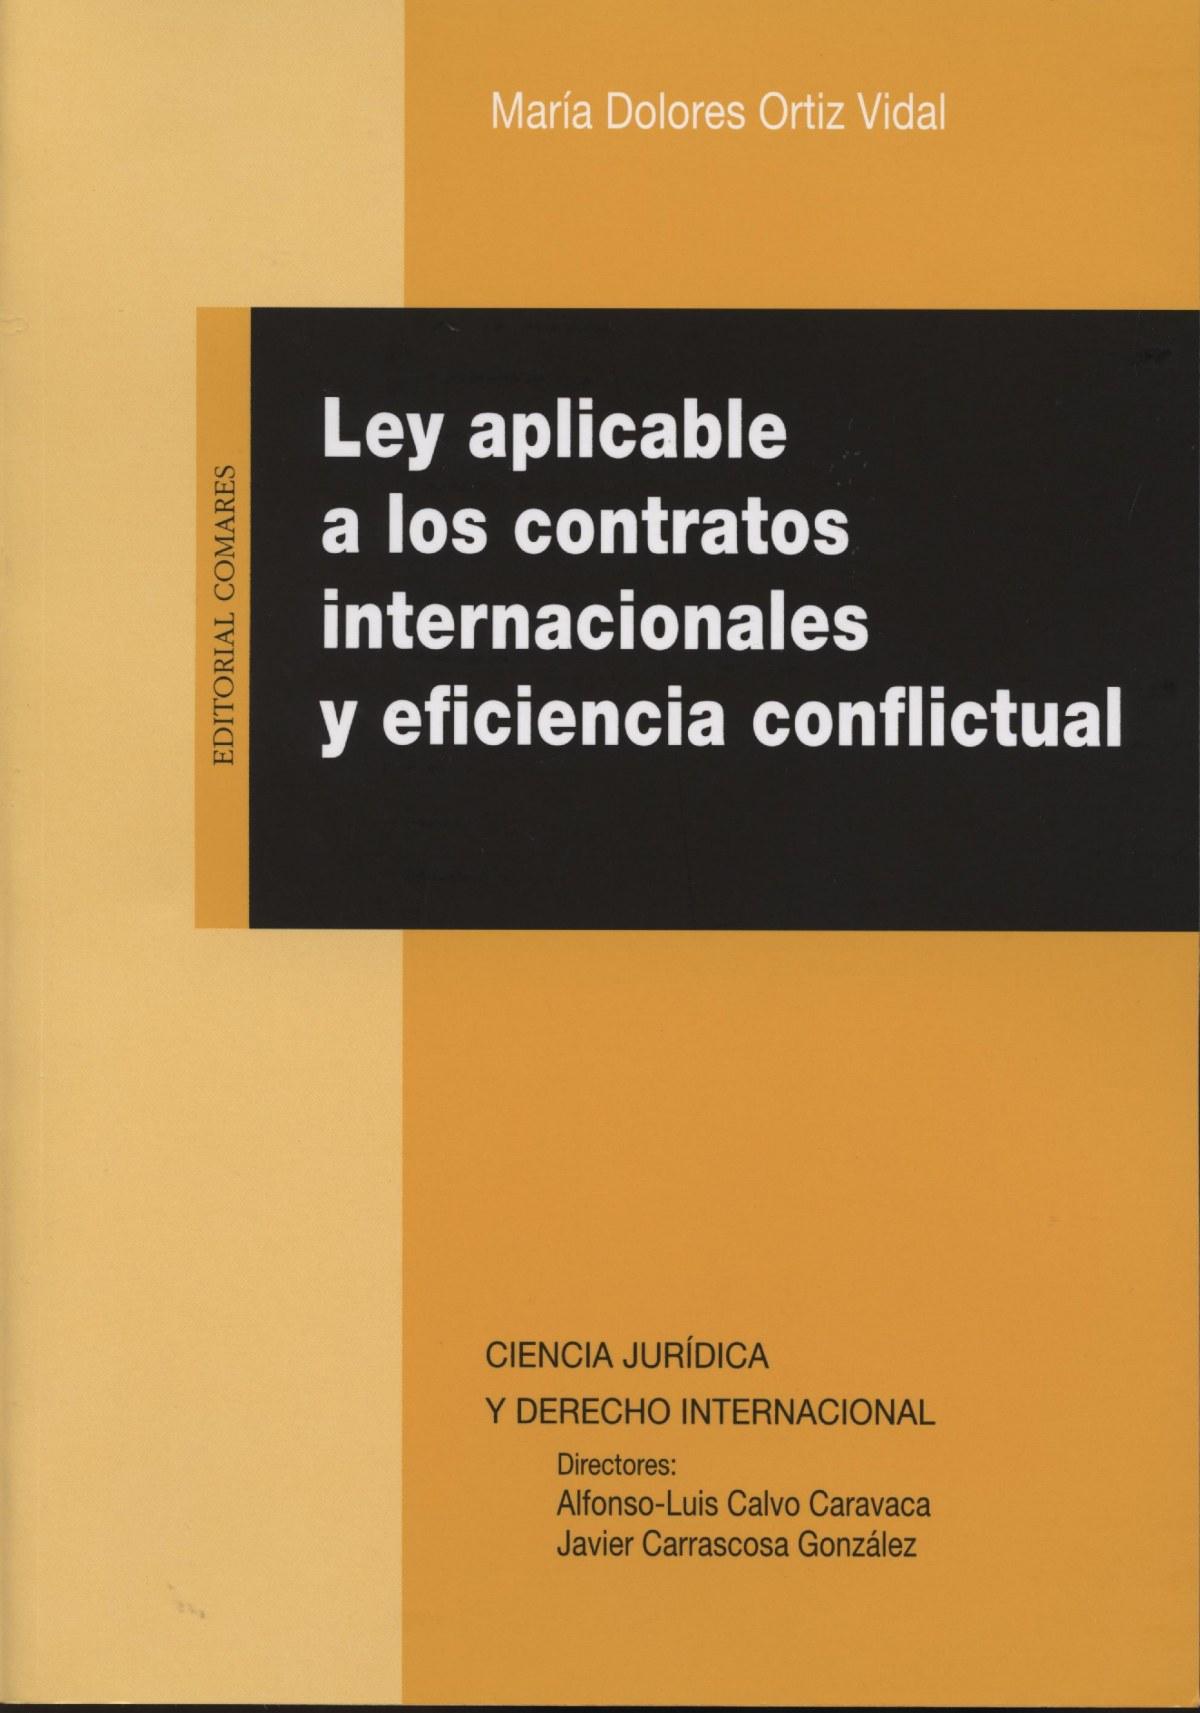 Ley aplicable contratos internacionales eficiencia conflictual